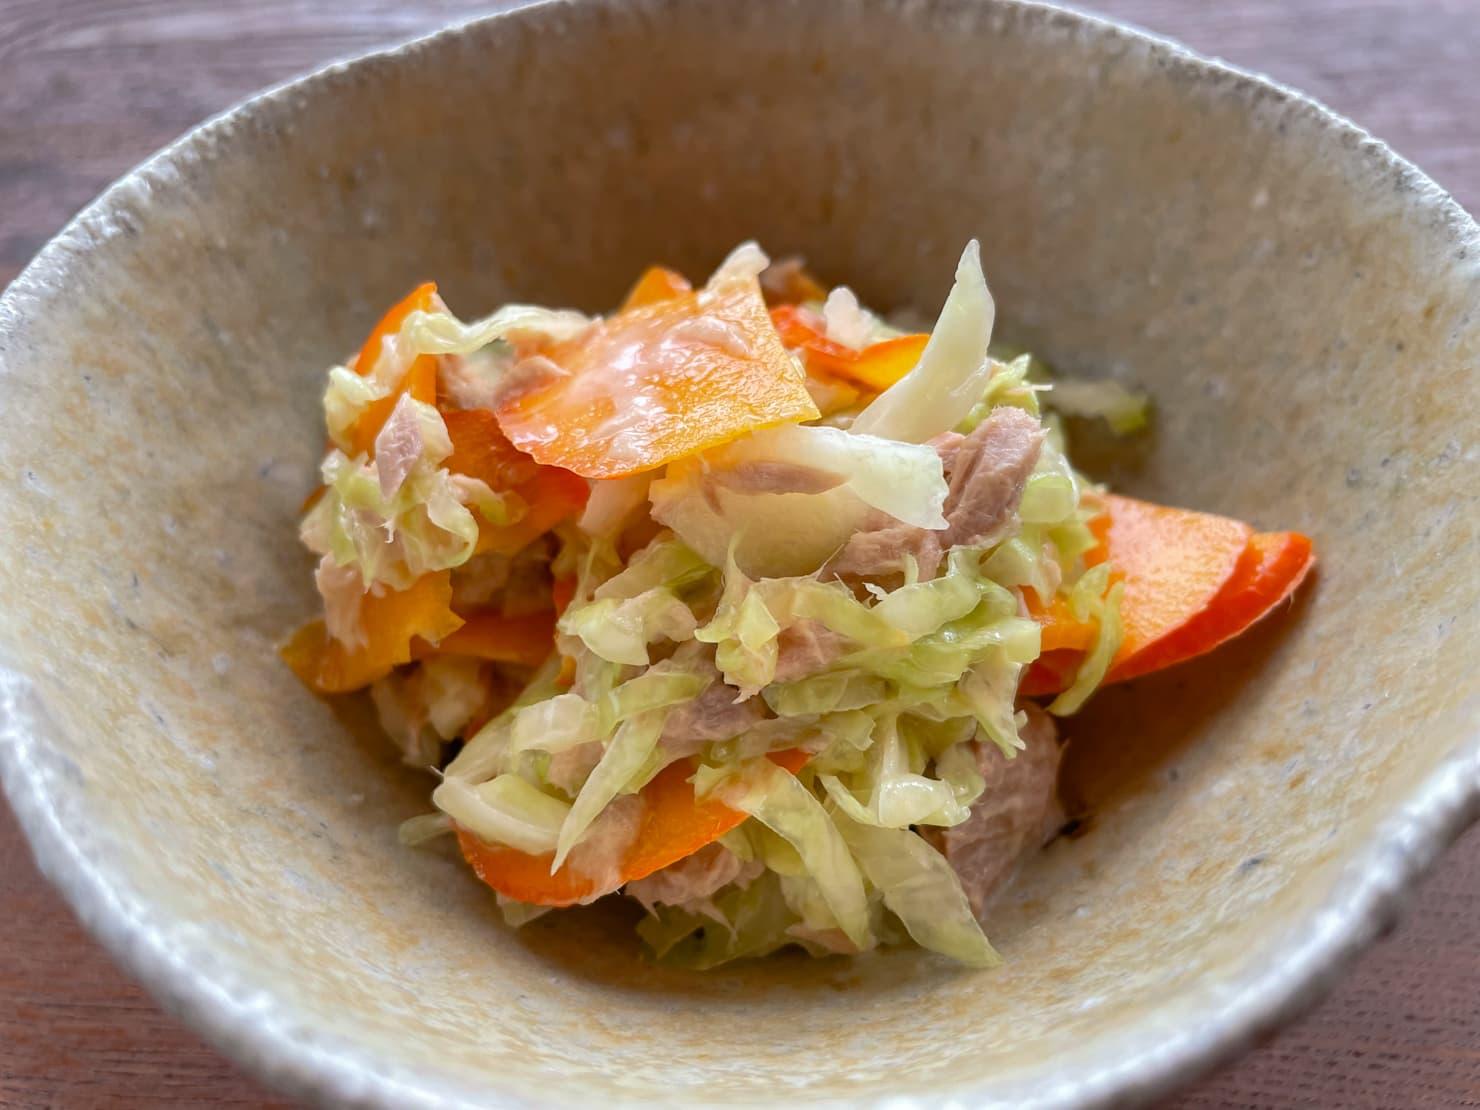 コリンキーとキャベツのツナのサラダの写真